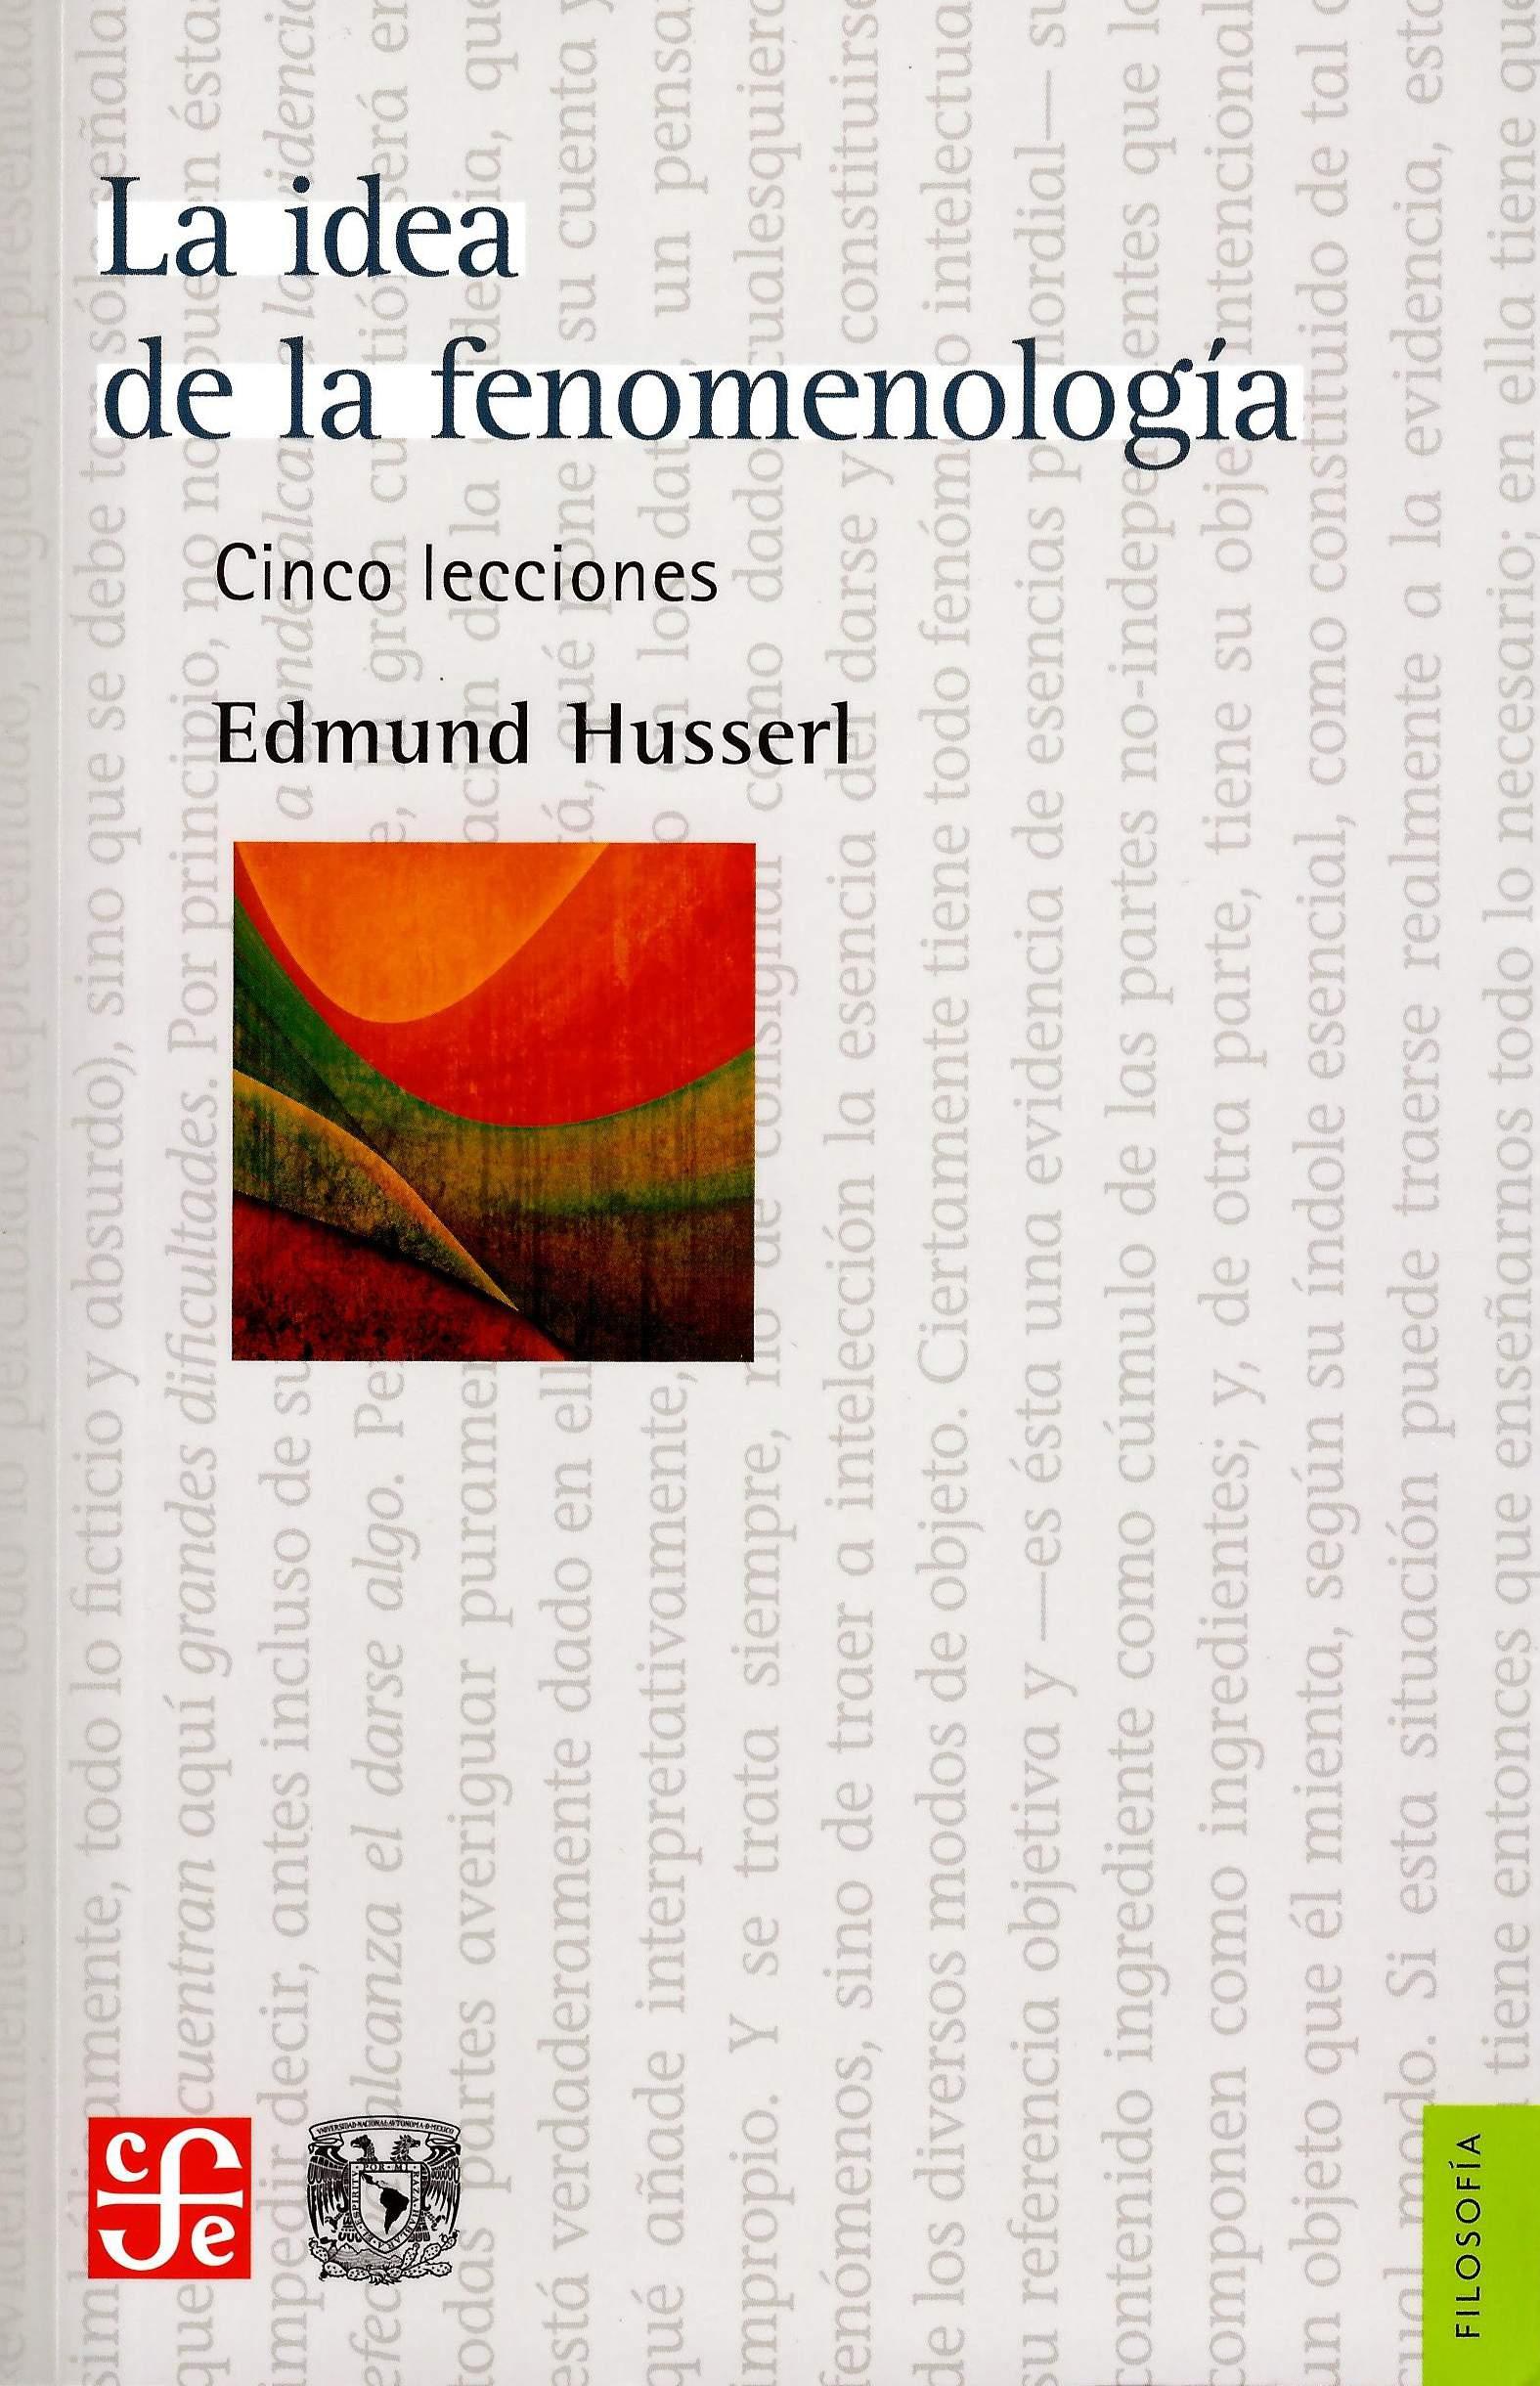 La idea de la fenomenología Cinco lecciones